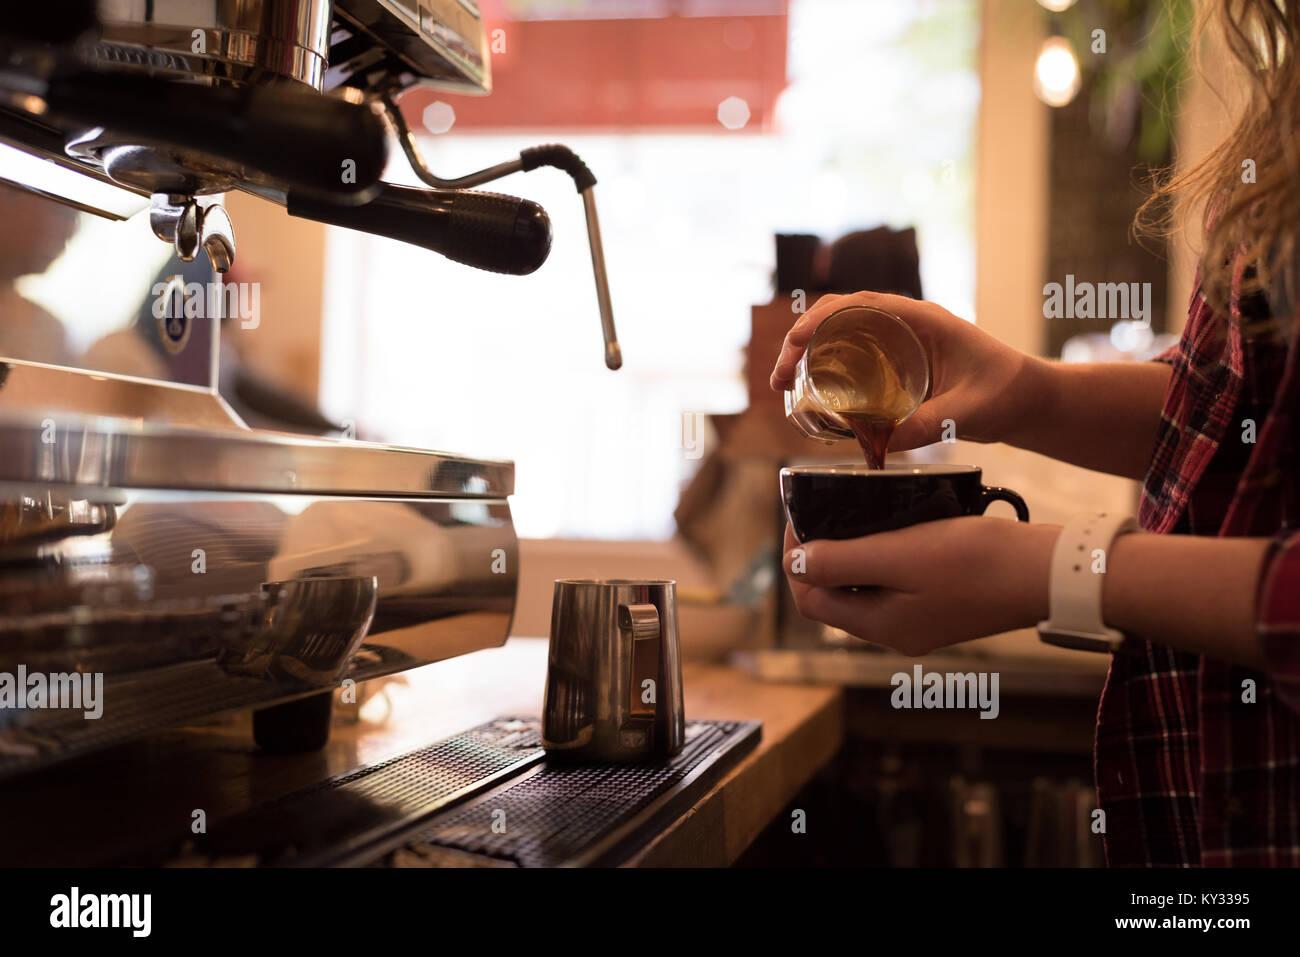 La sezione centrale del barista versando il caffè in tazza Immagini Stock